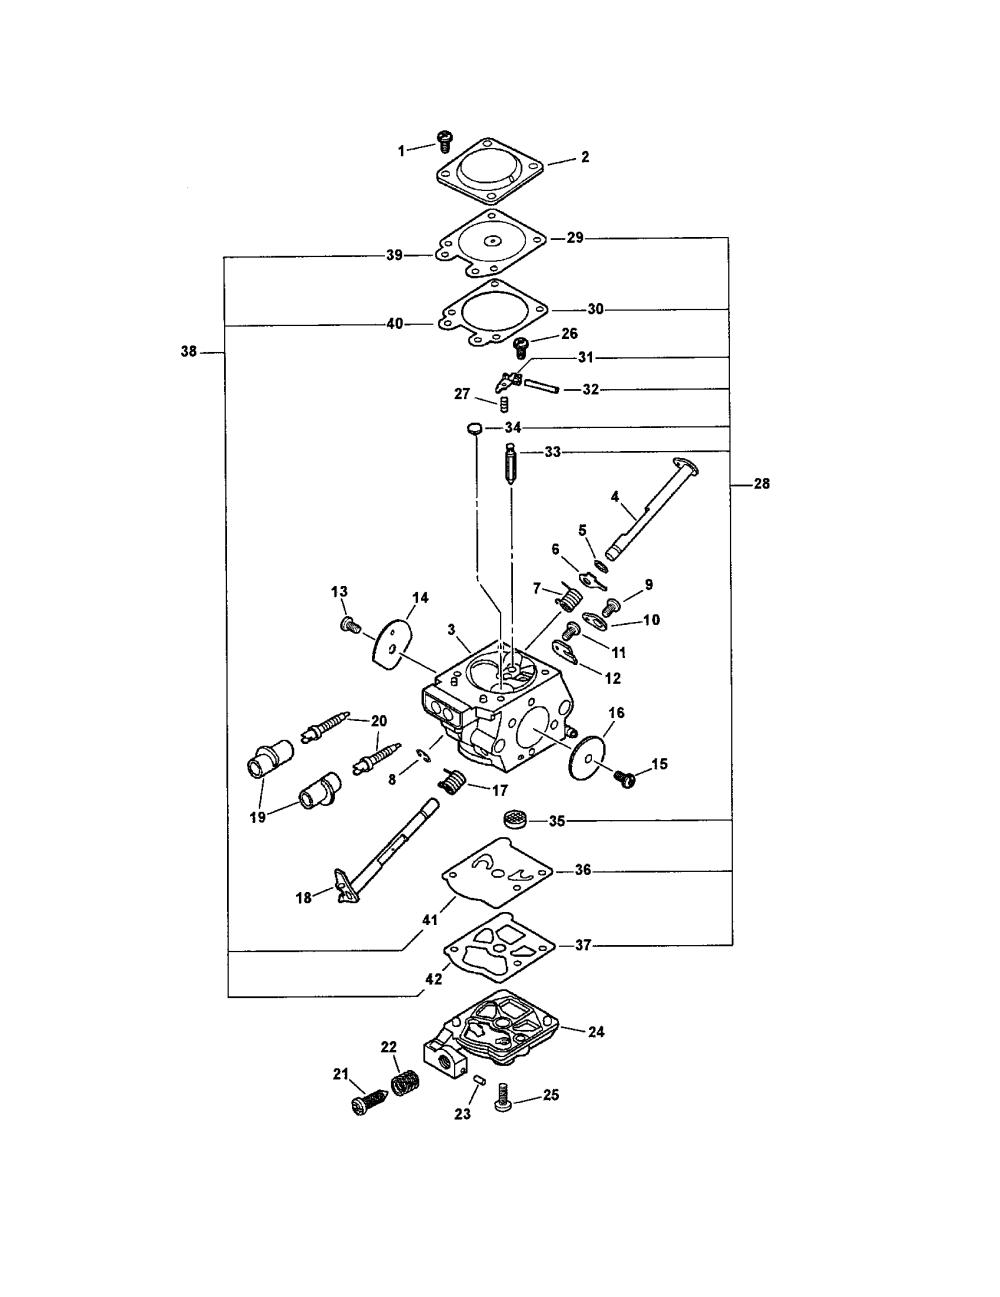 medium resolution of echo cs 400 carburetor wt 820 diagram